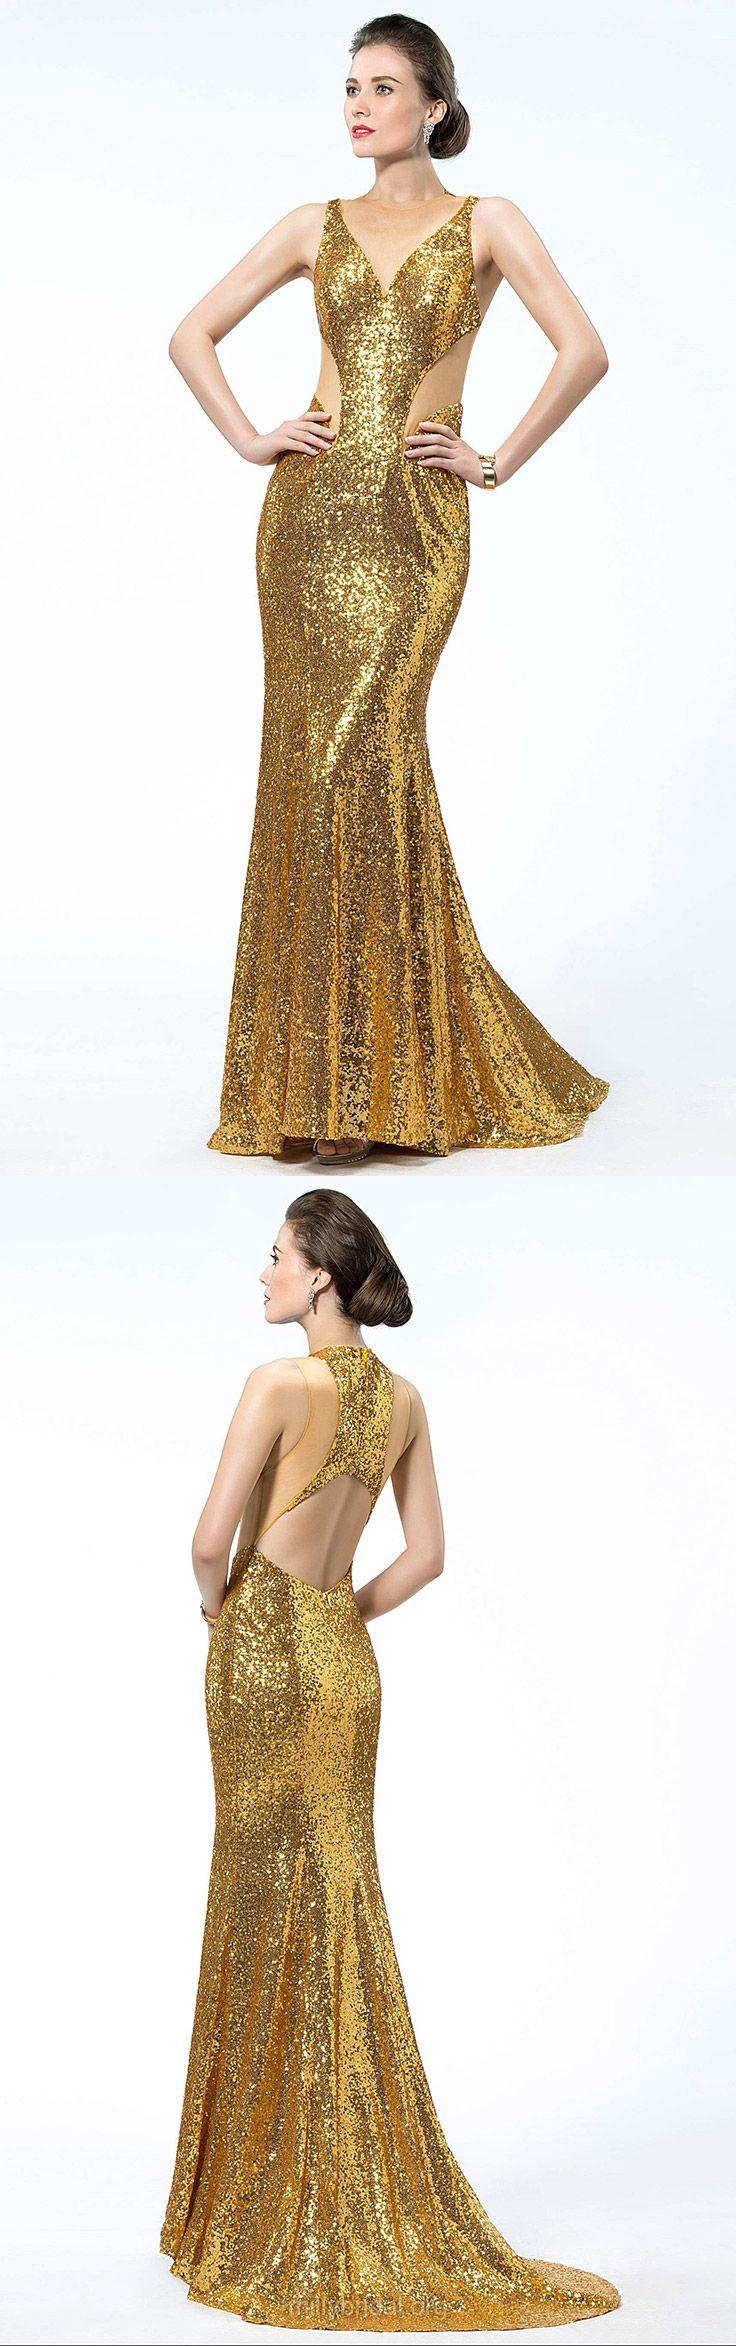 Gold prom dresses long prom dresses prom dresses trumpet